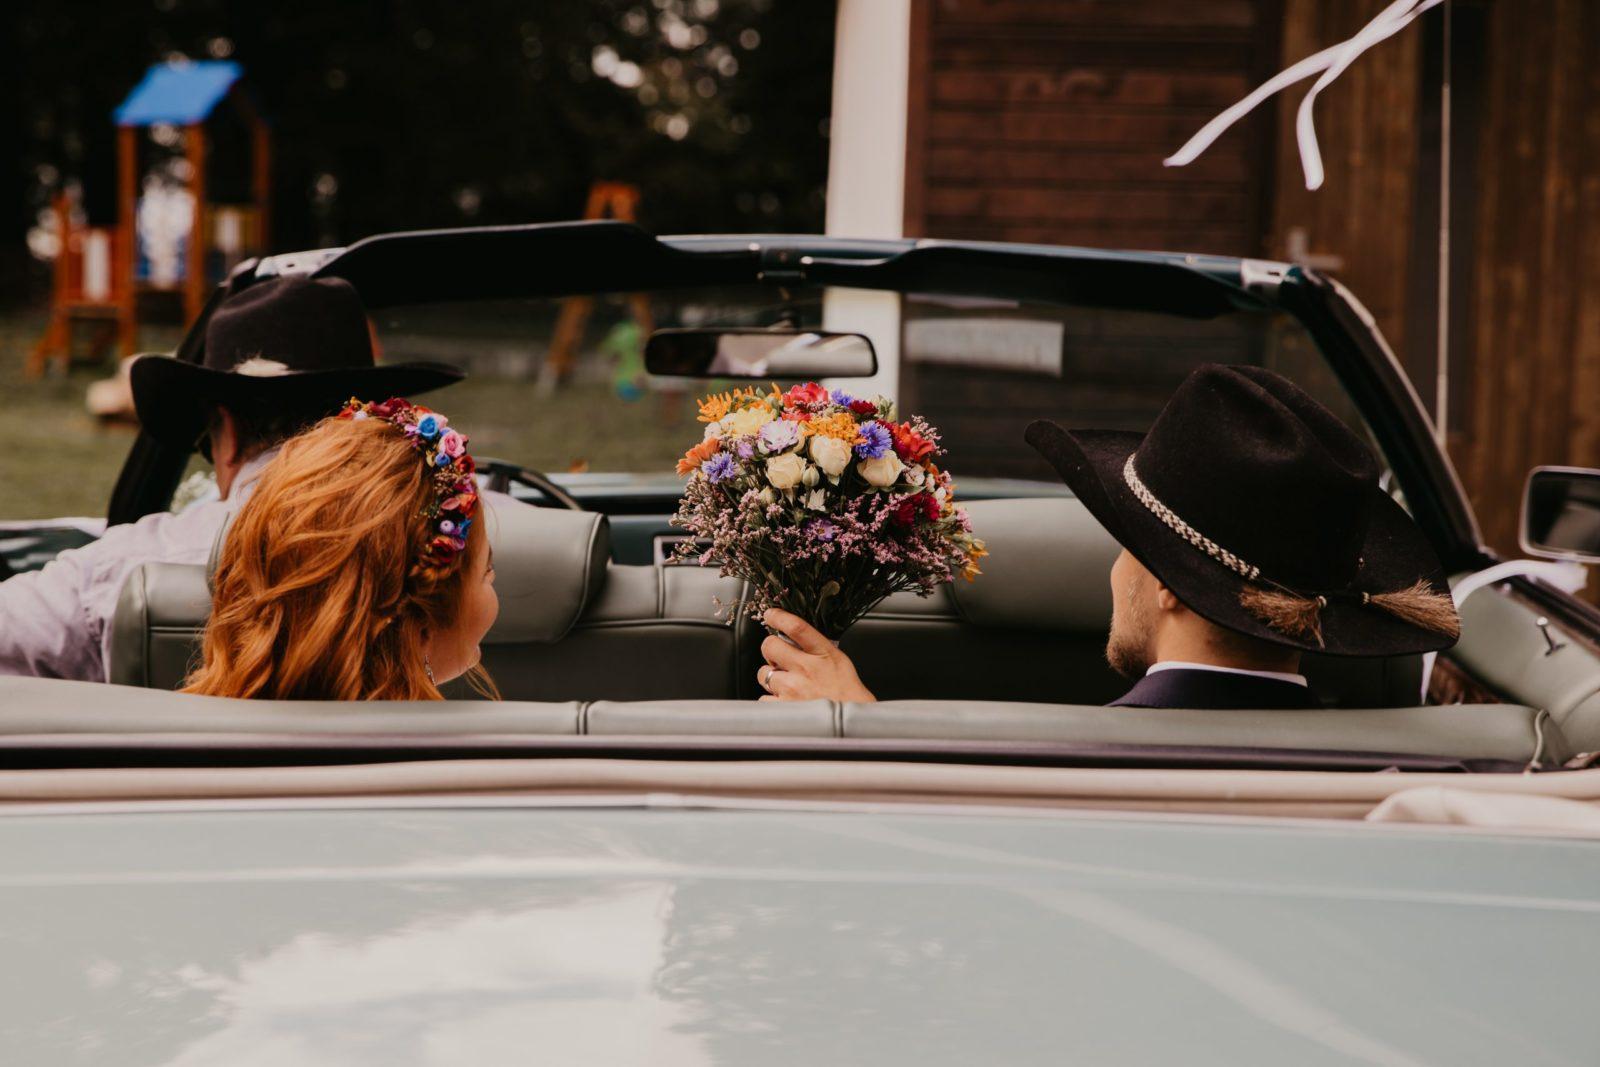 Novomanželia v kabriolete držia nad hlavami svadobnú kyticu.